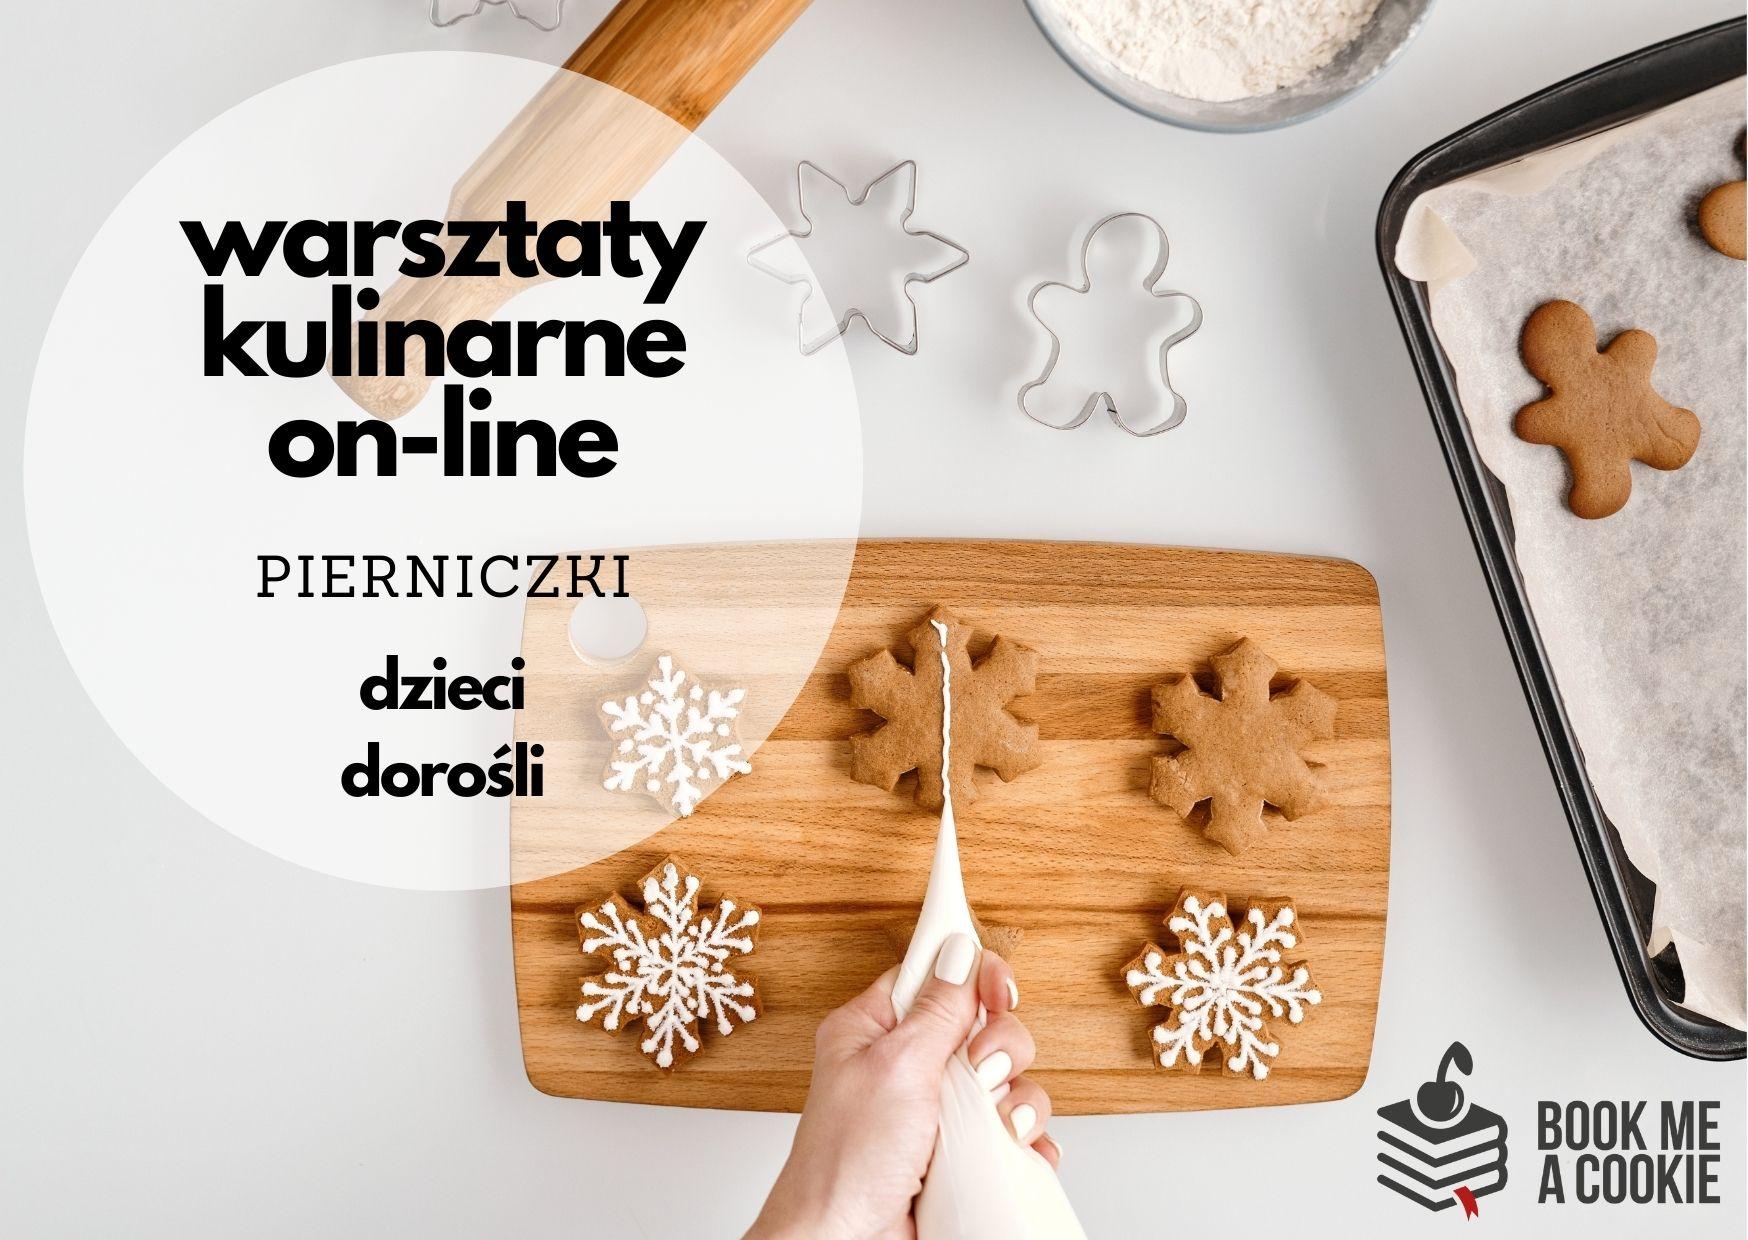 Warsztaty kulinarne on-line: pierniczki